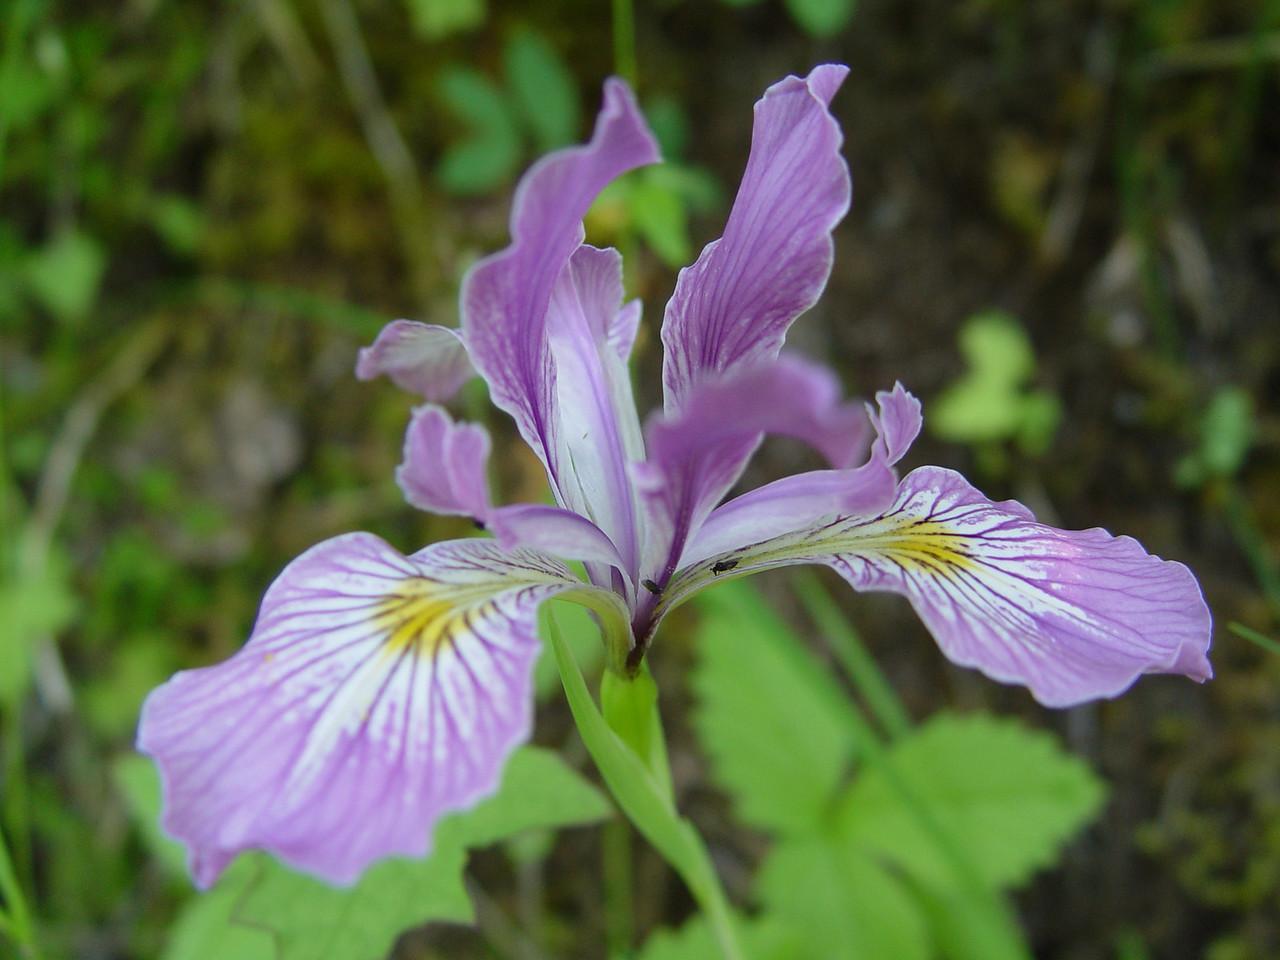 Iris tenax - Oregon Flax